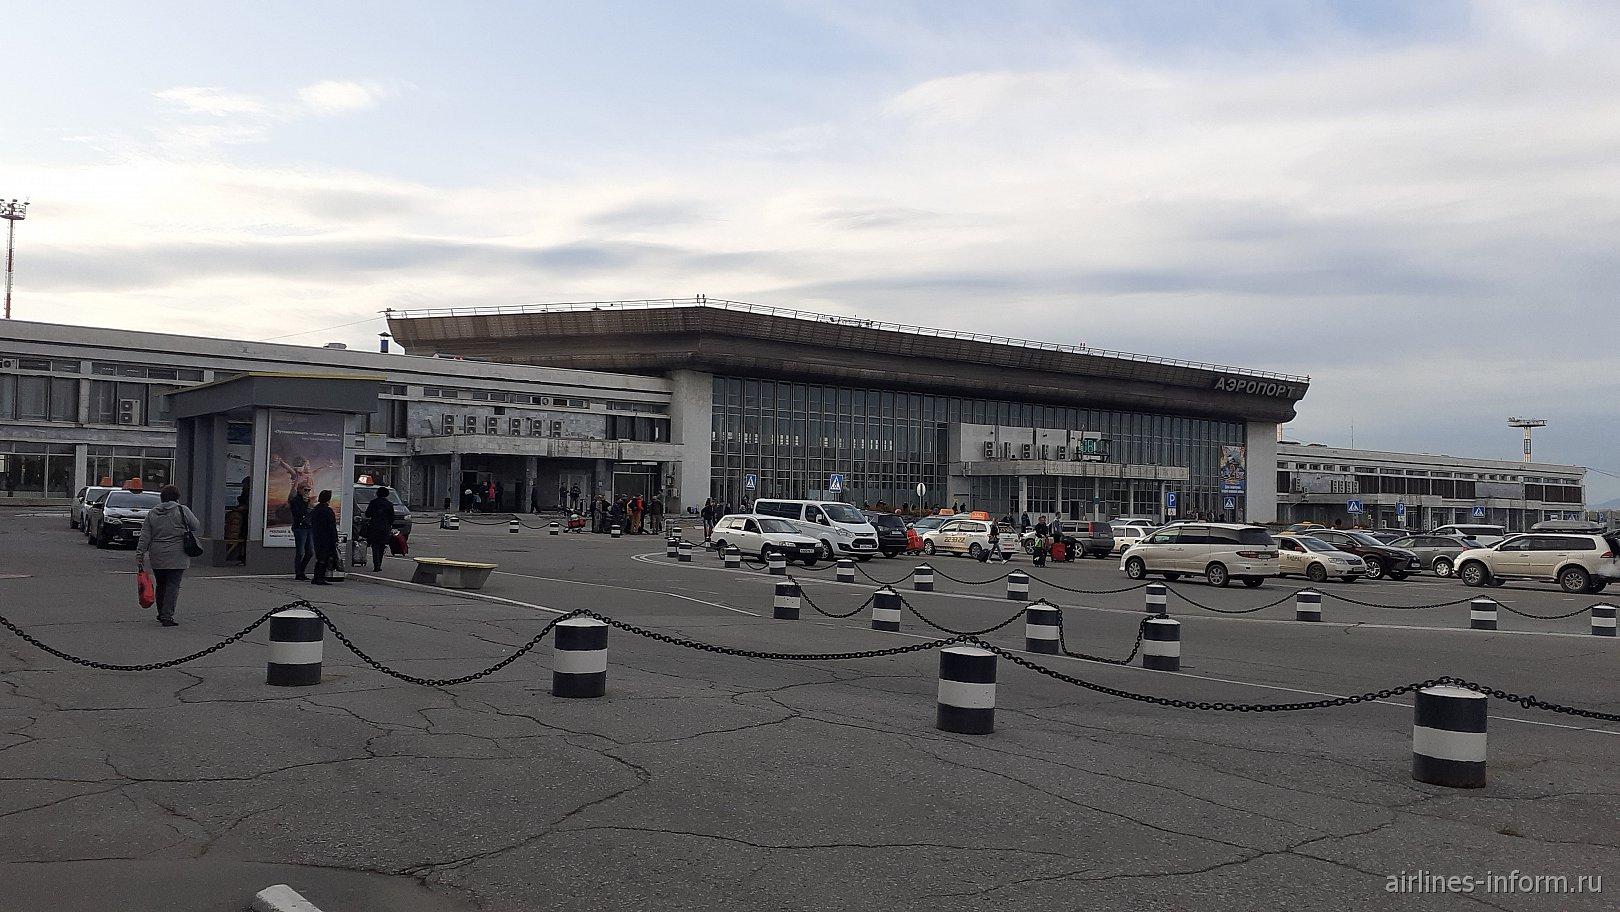 Старый терминал внутренних рейсов аэропорта Хабаровск Новый